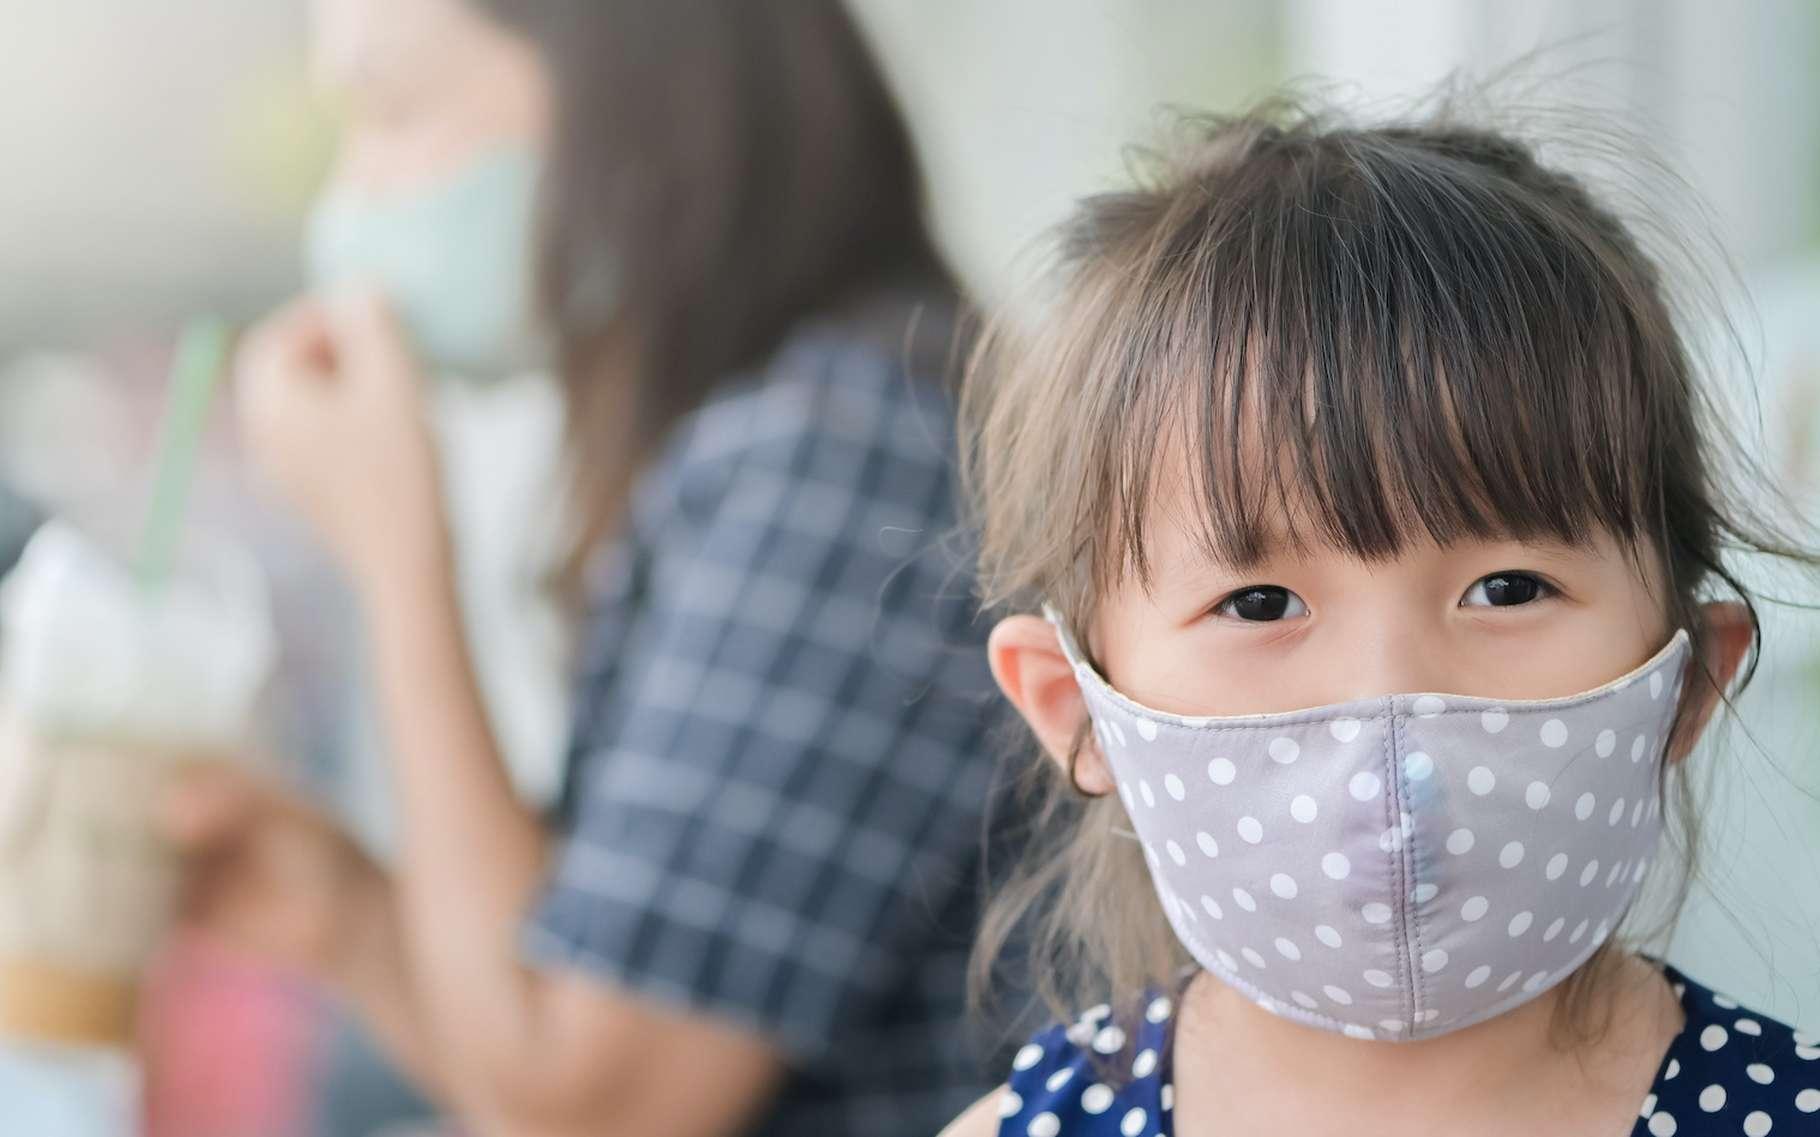 Une fois de déconfinement prononcé, nous serons peut-être tous amenés à porter un masque de protection pour limiter la propagation du coronavirus responsable de la pandémie de Covid-19. © jes2uphoto, Adobe Stock